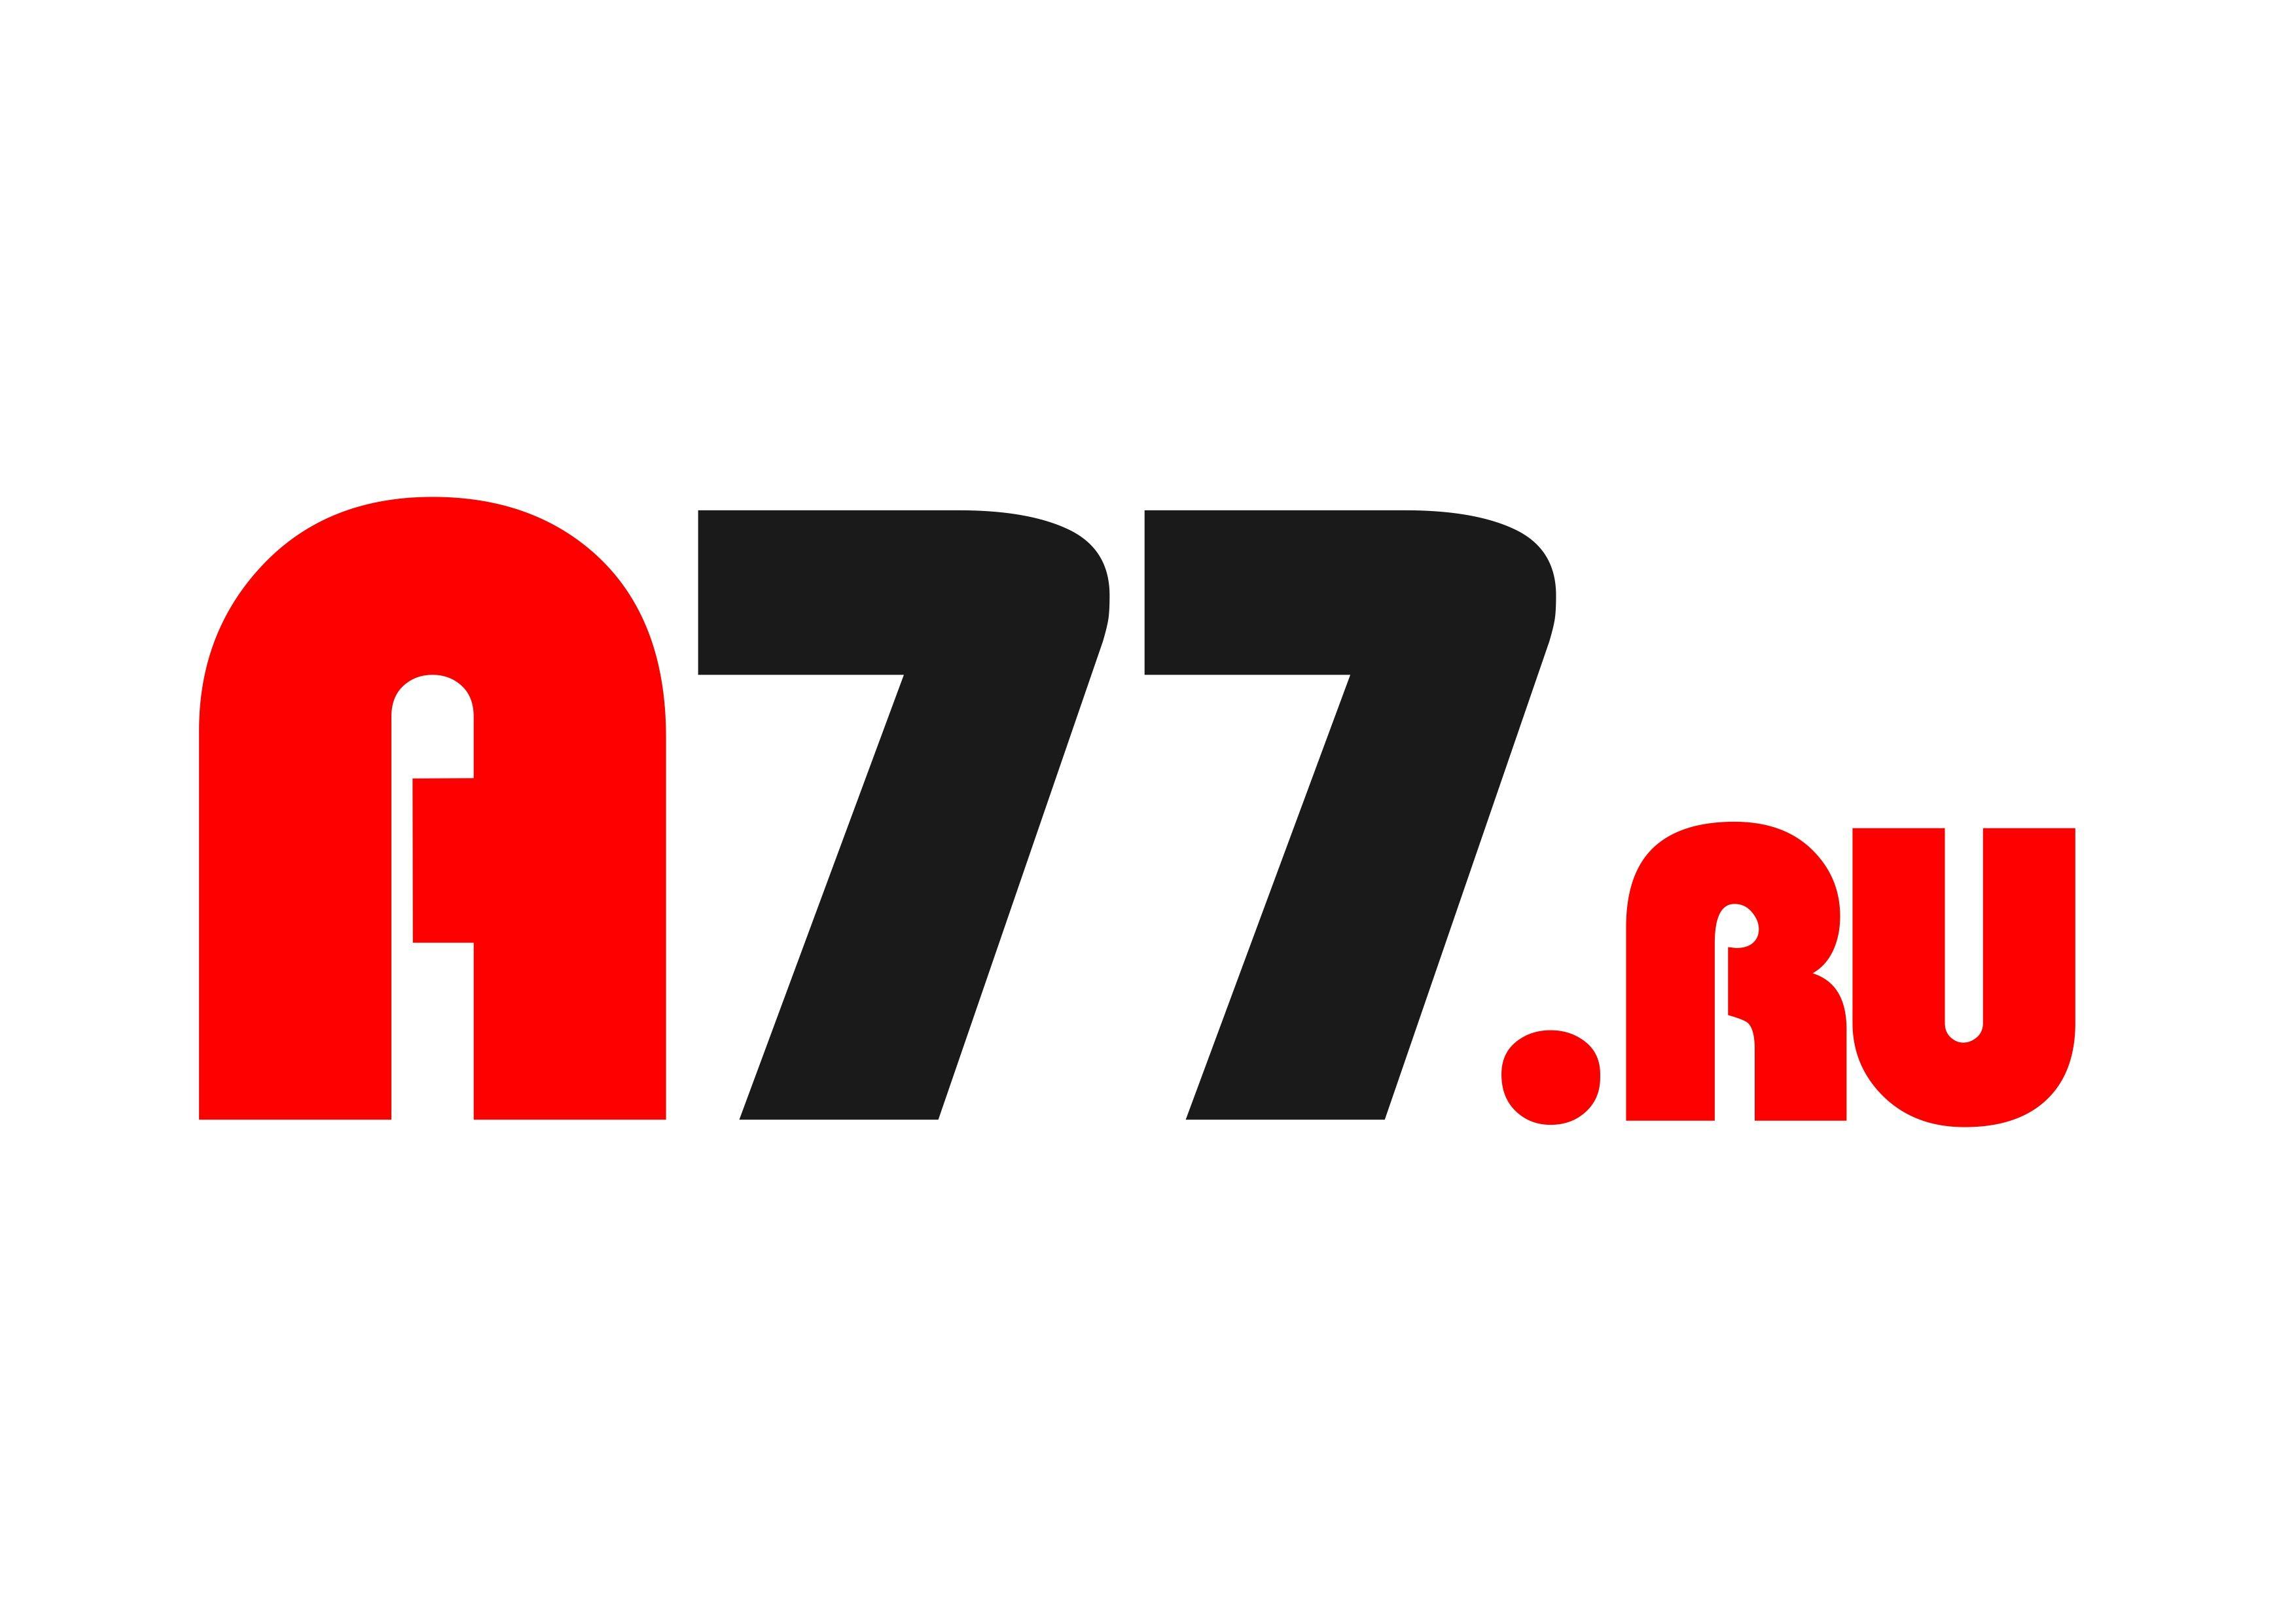 Лого для сайта по коммерческой недвижимости A77.RU - дизайнер Santal